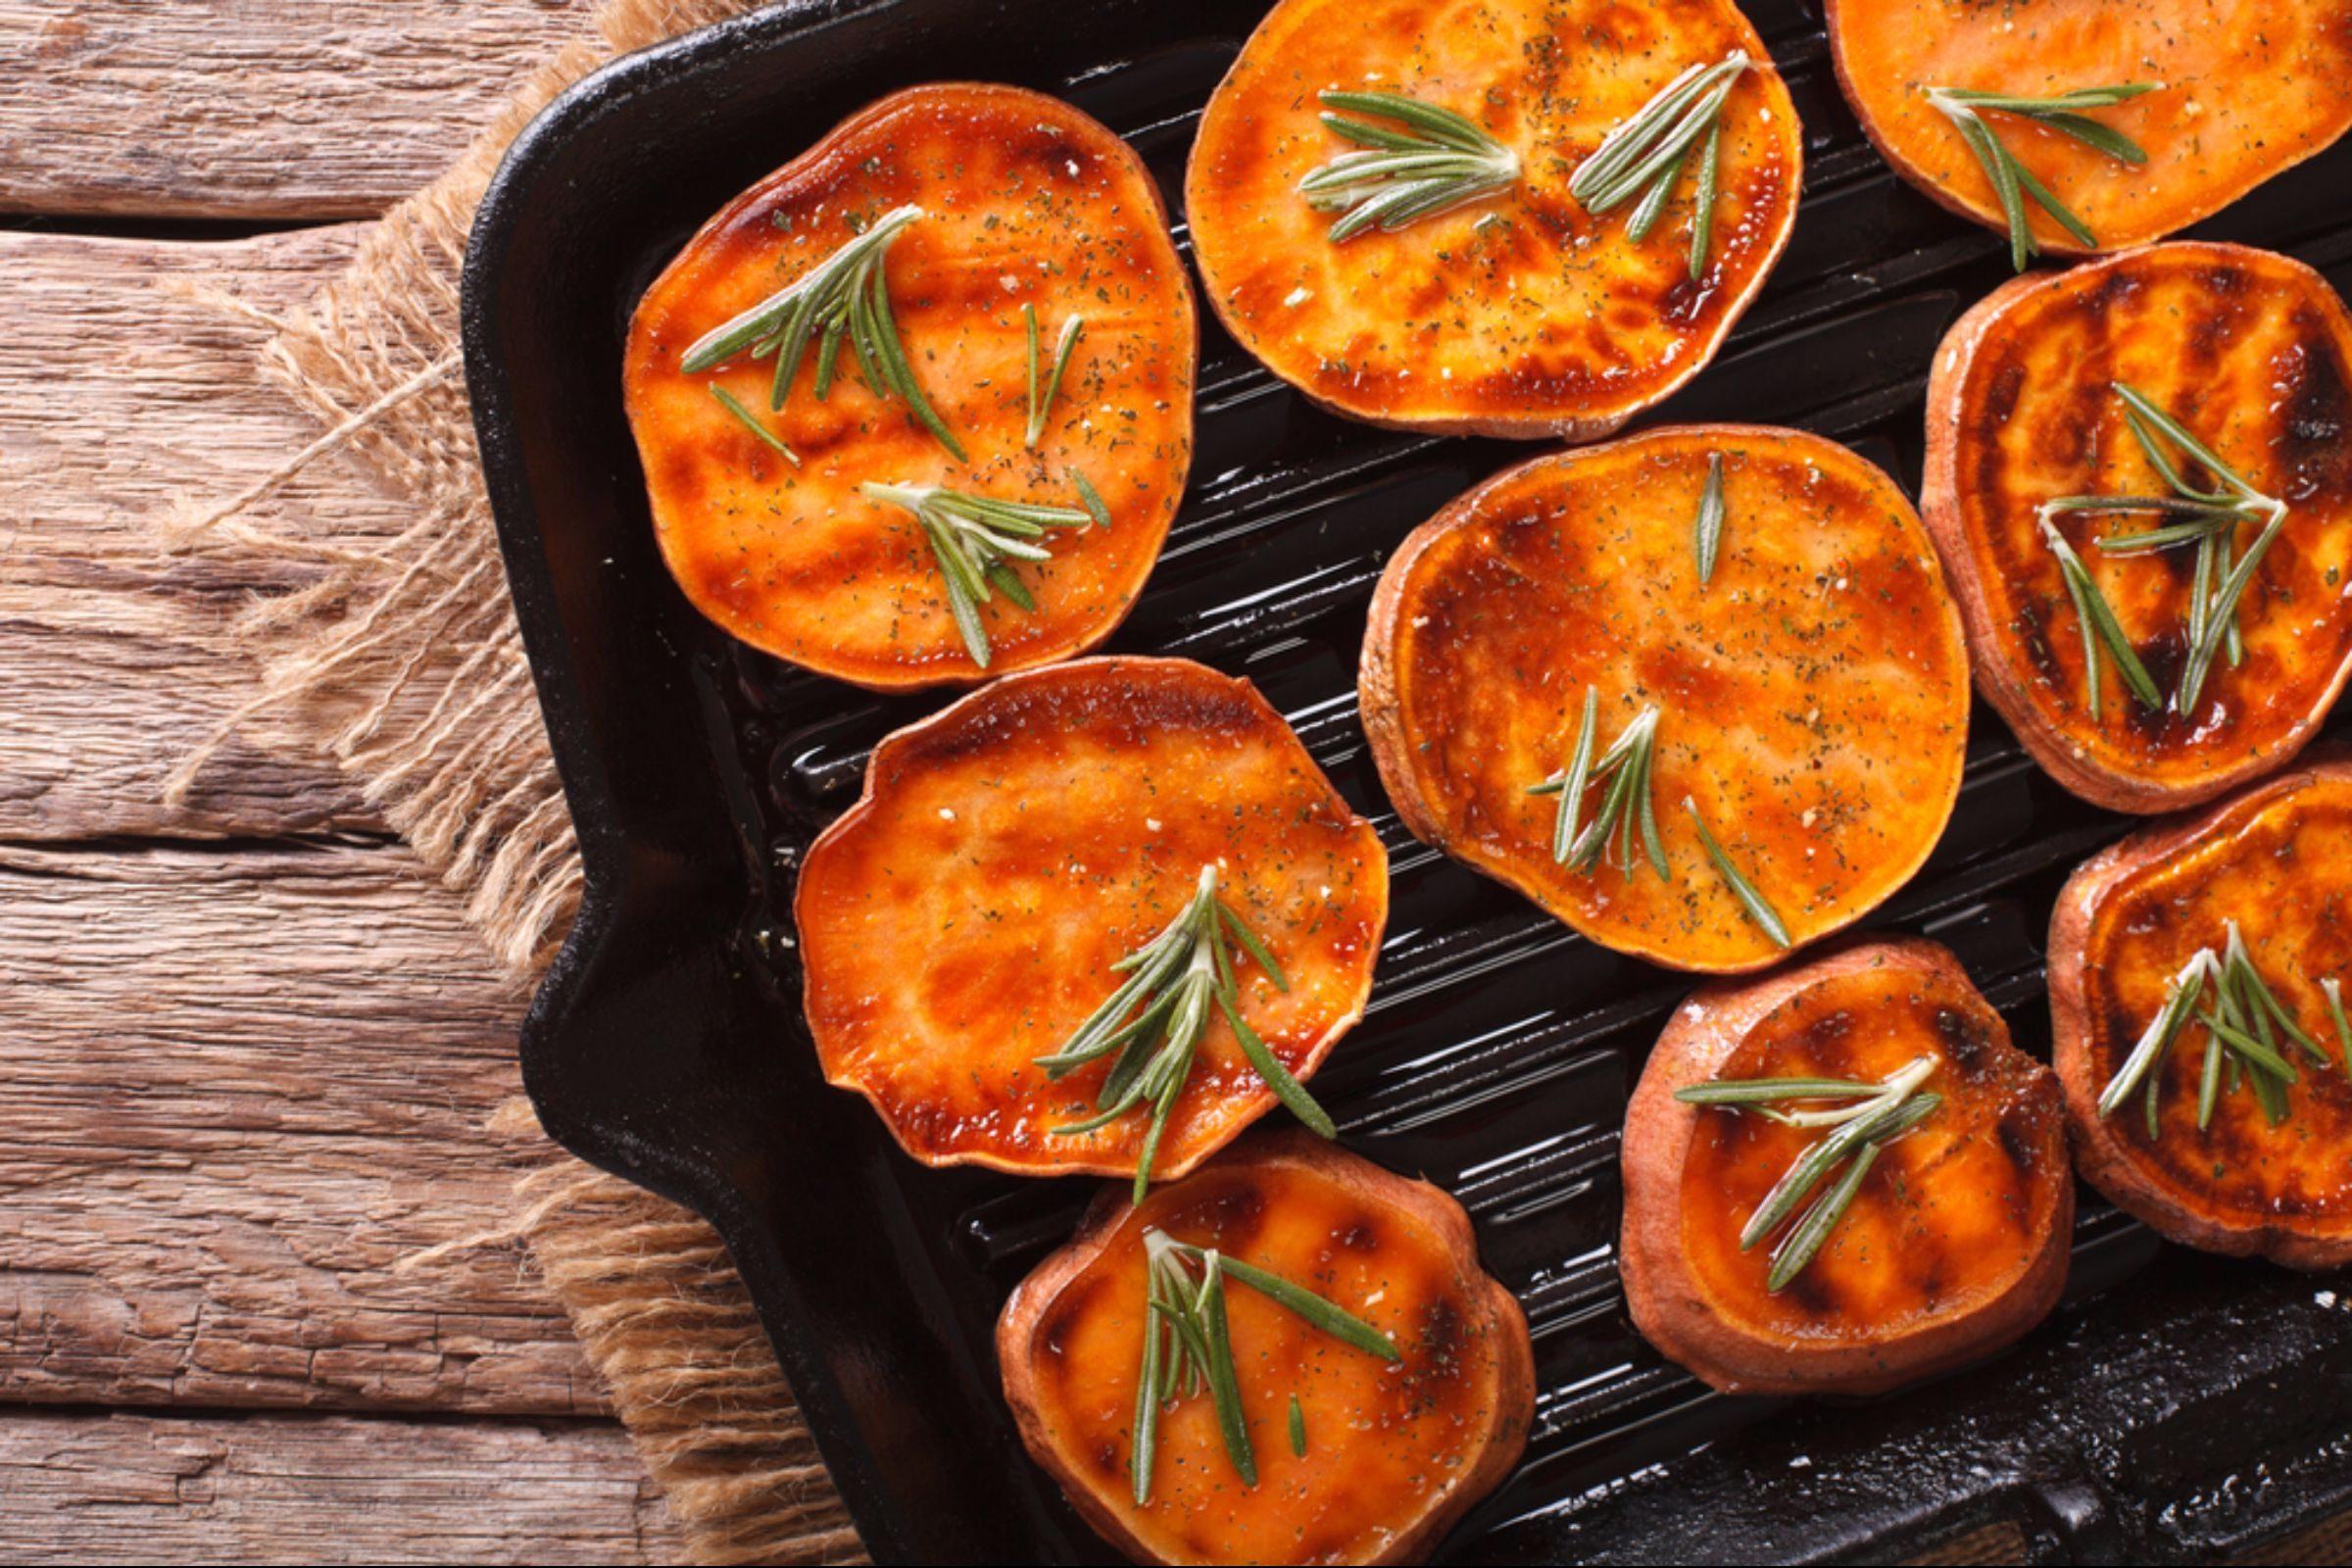 Fruits et légumes d'automne : Patates douces et ignames